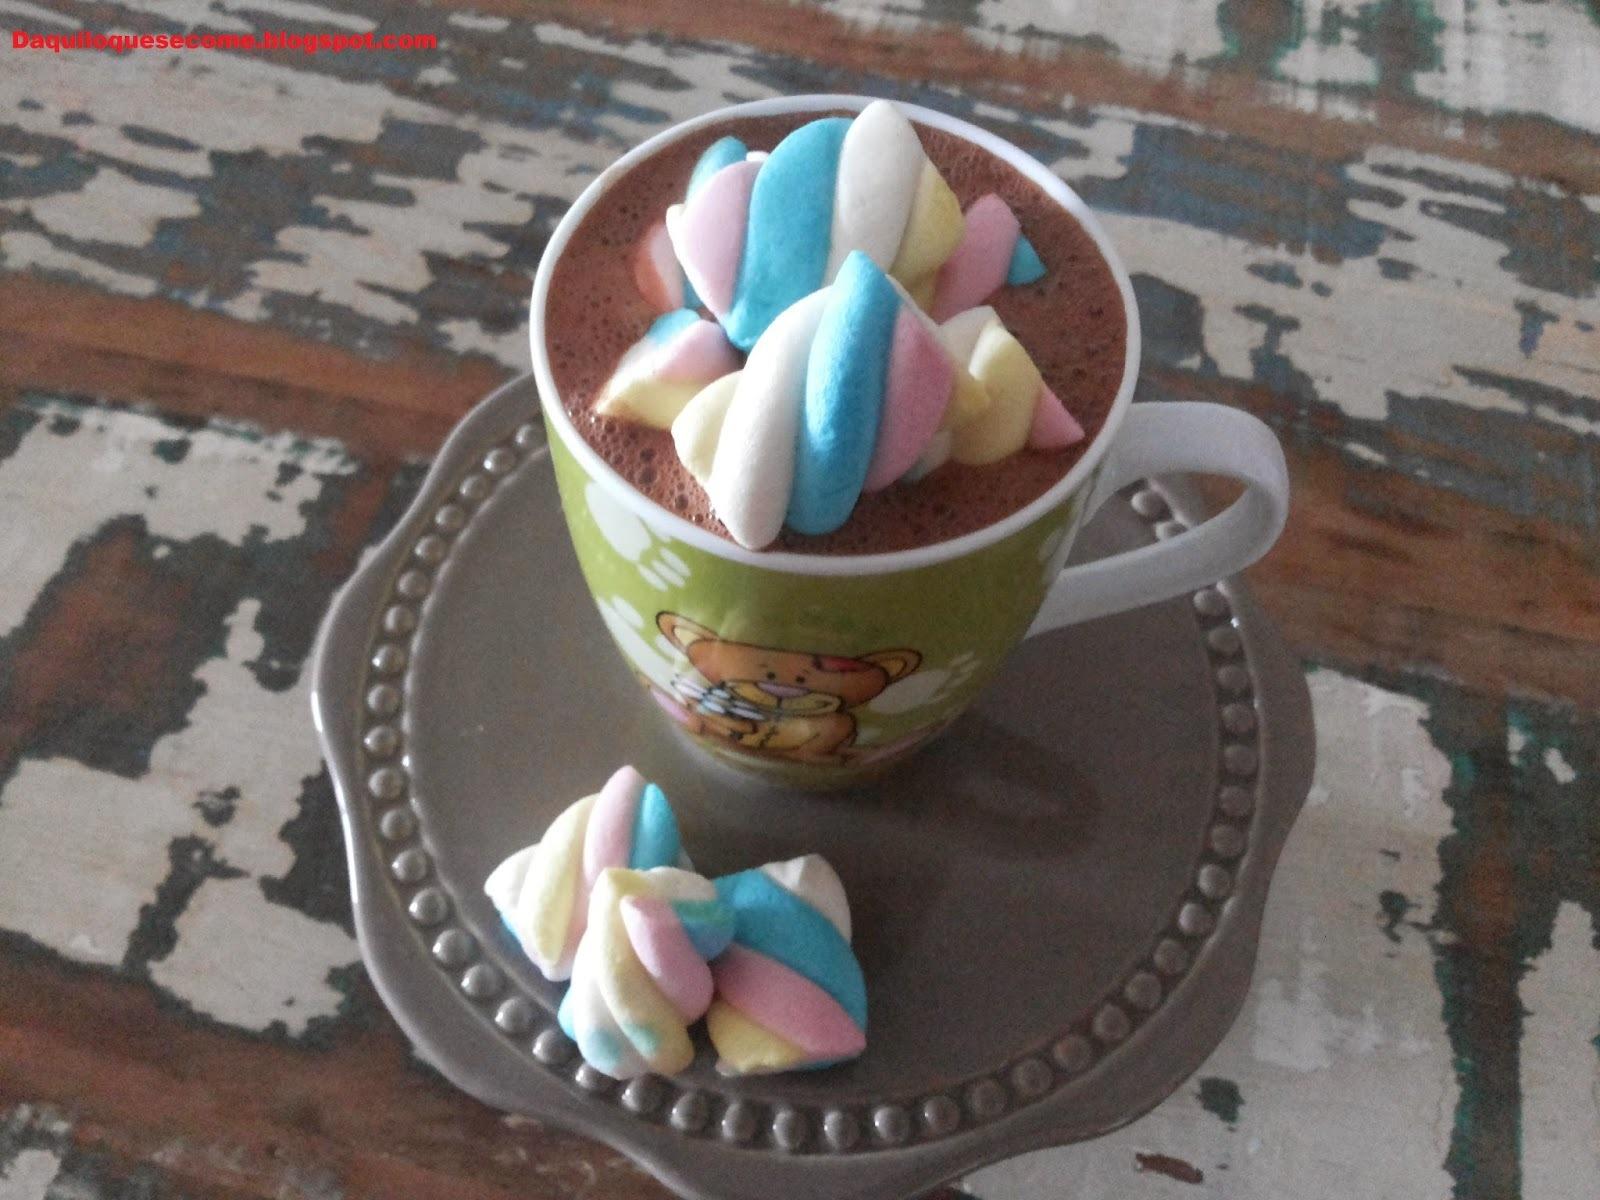 derretendo chocolate mexendo em chocolate